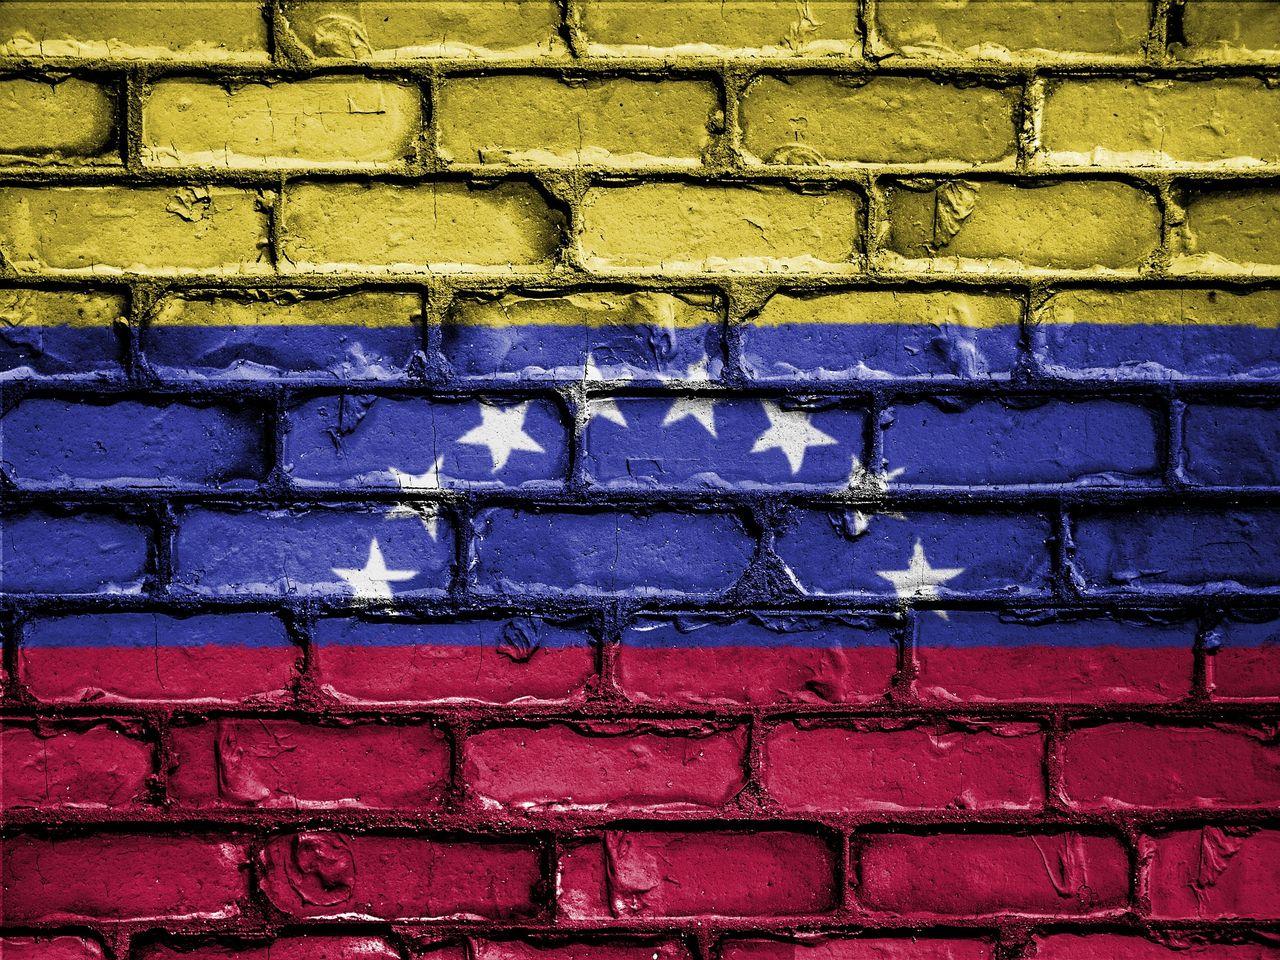 flag-2530554_1920.jpg